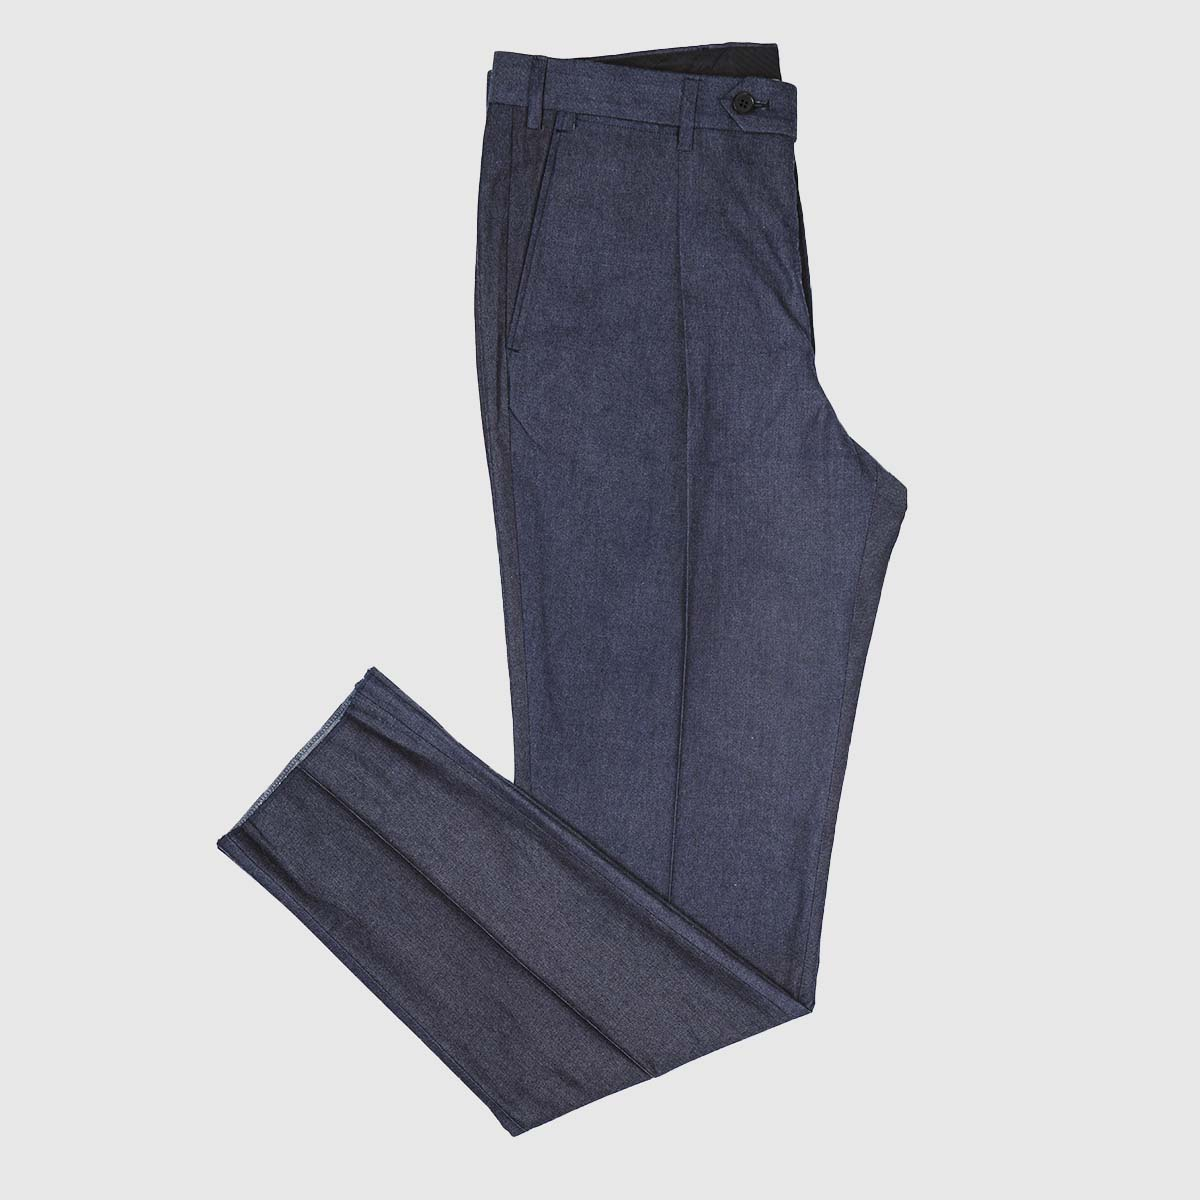 Sartoria Lavore Giuseppe Albiate Denim Trousers in Indigo